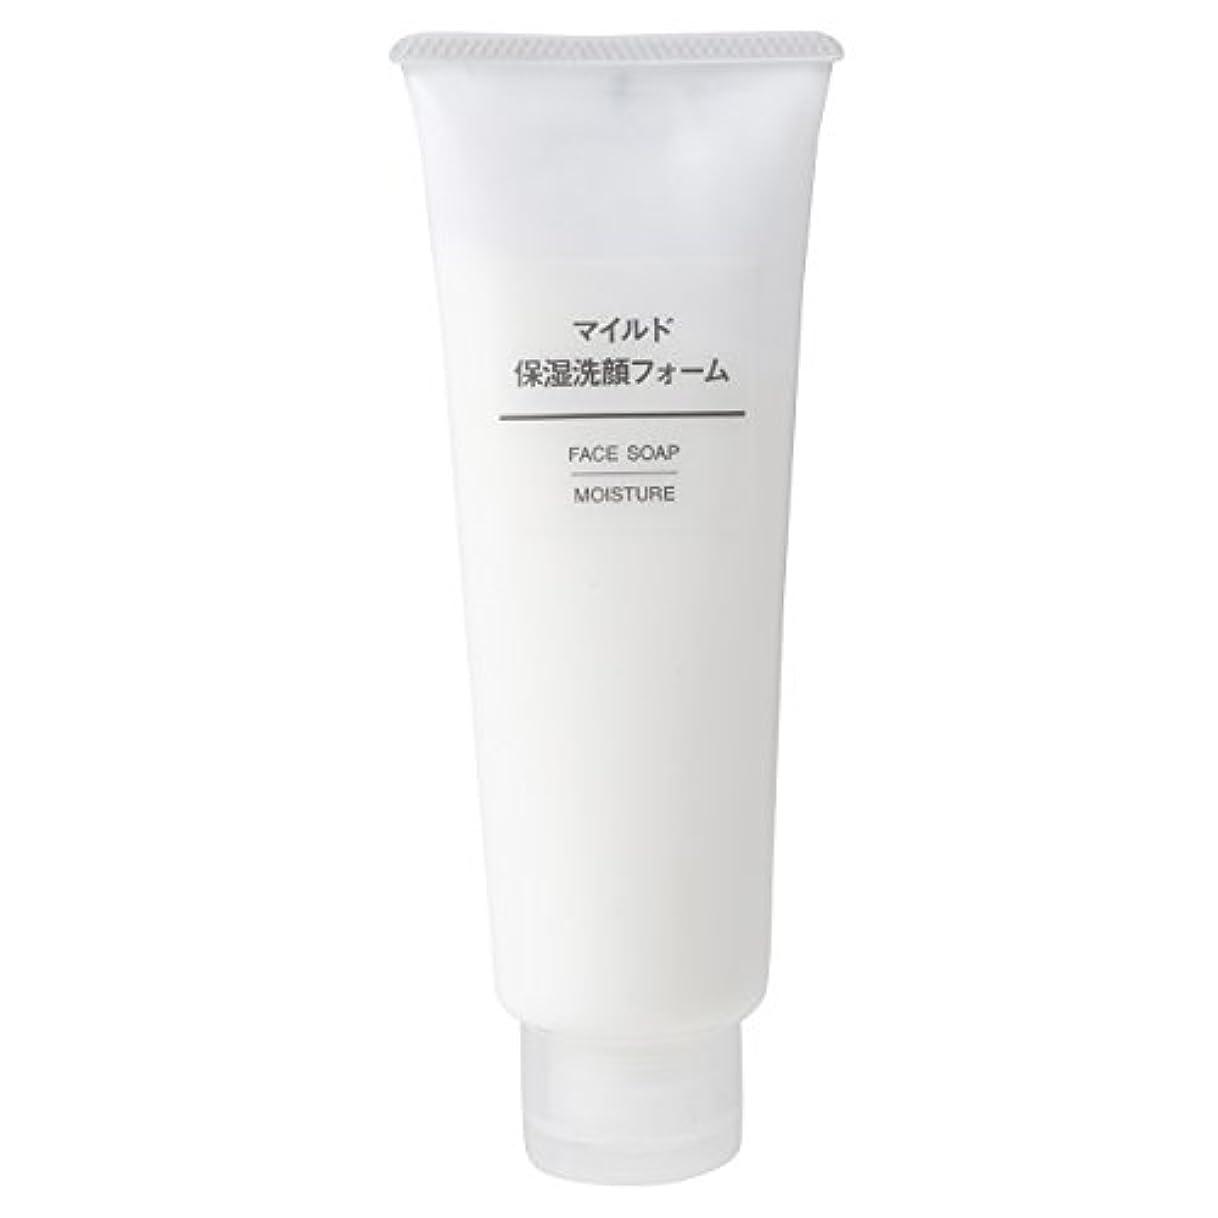 不可能な祝福着る無印良品 マイルド保湿洗顔フォーム 120g